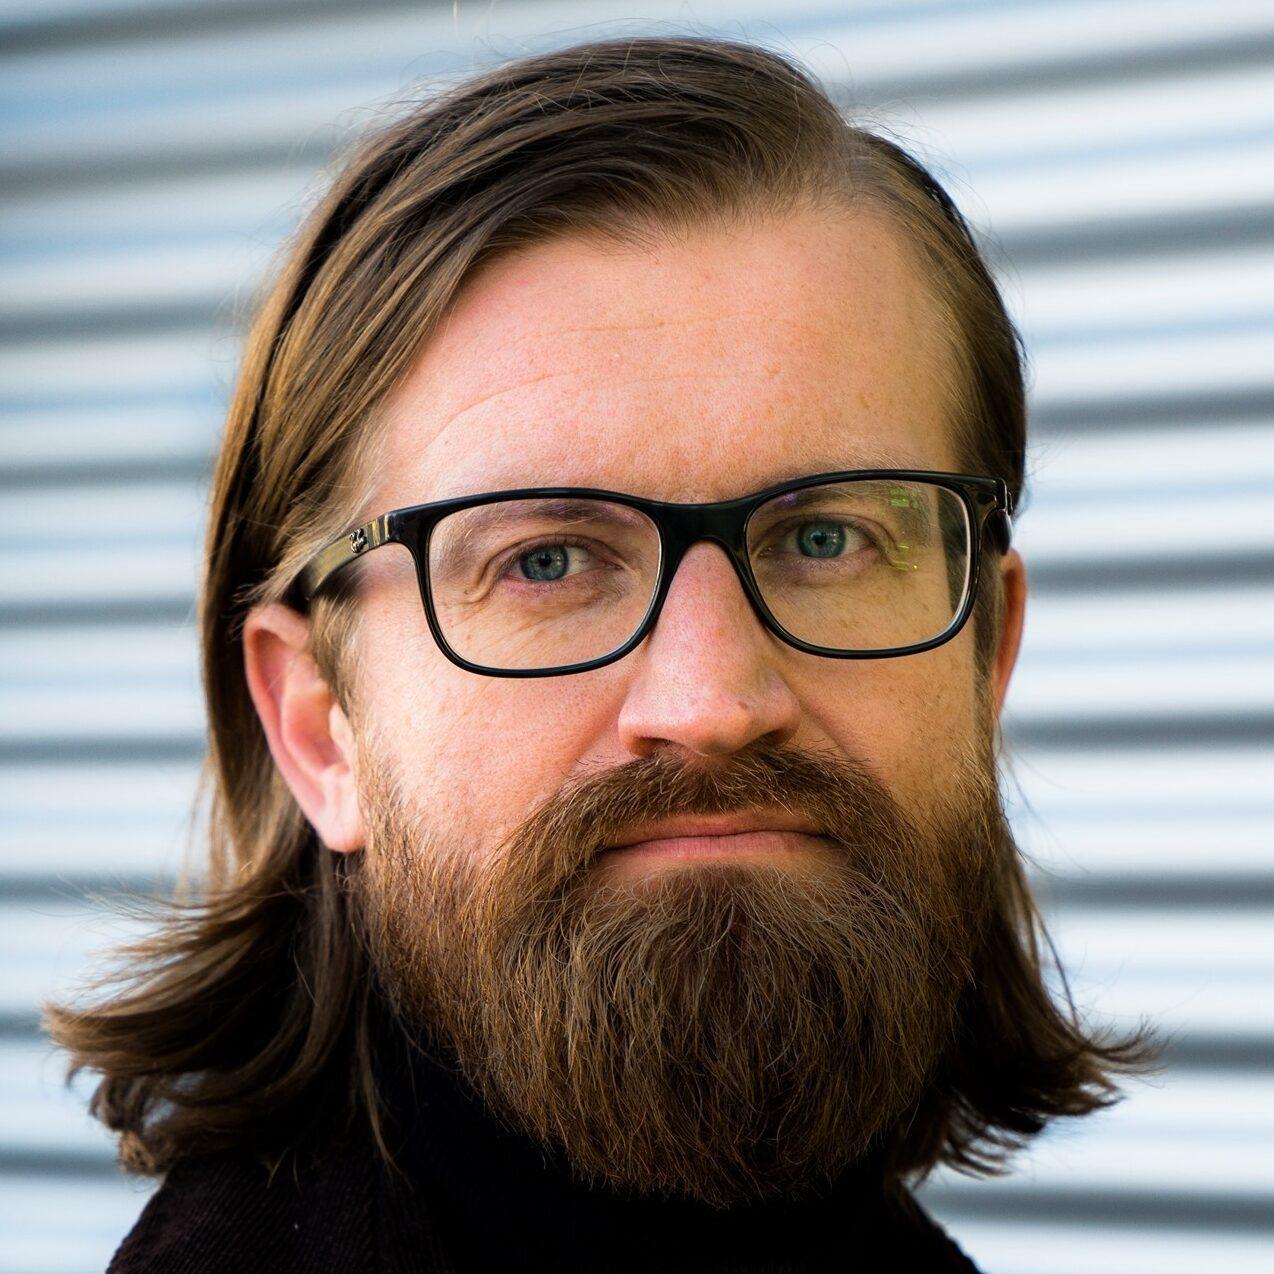 Þórólfur Heiðar Þorsteinsson Alþingiskosningar 2021 Suðvesturkjördæmi Kraginn (SV) 16 sæti Viðreisn